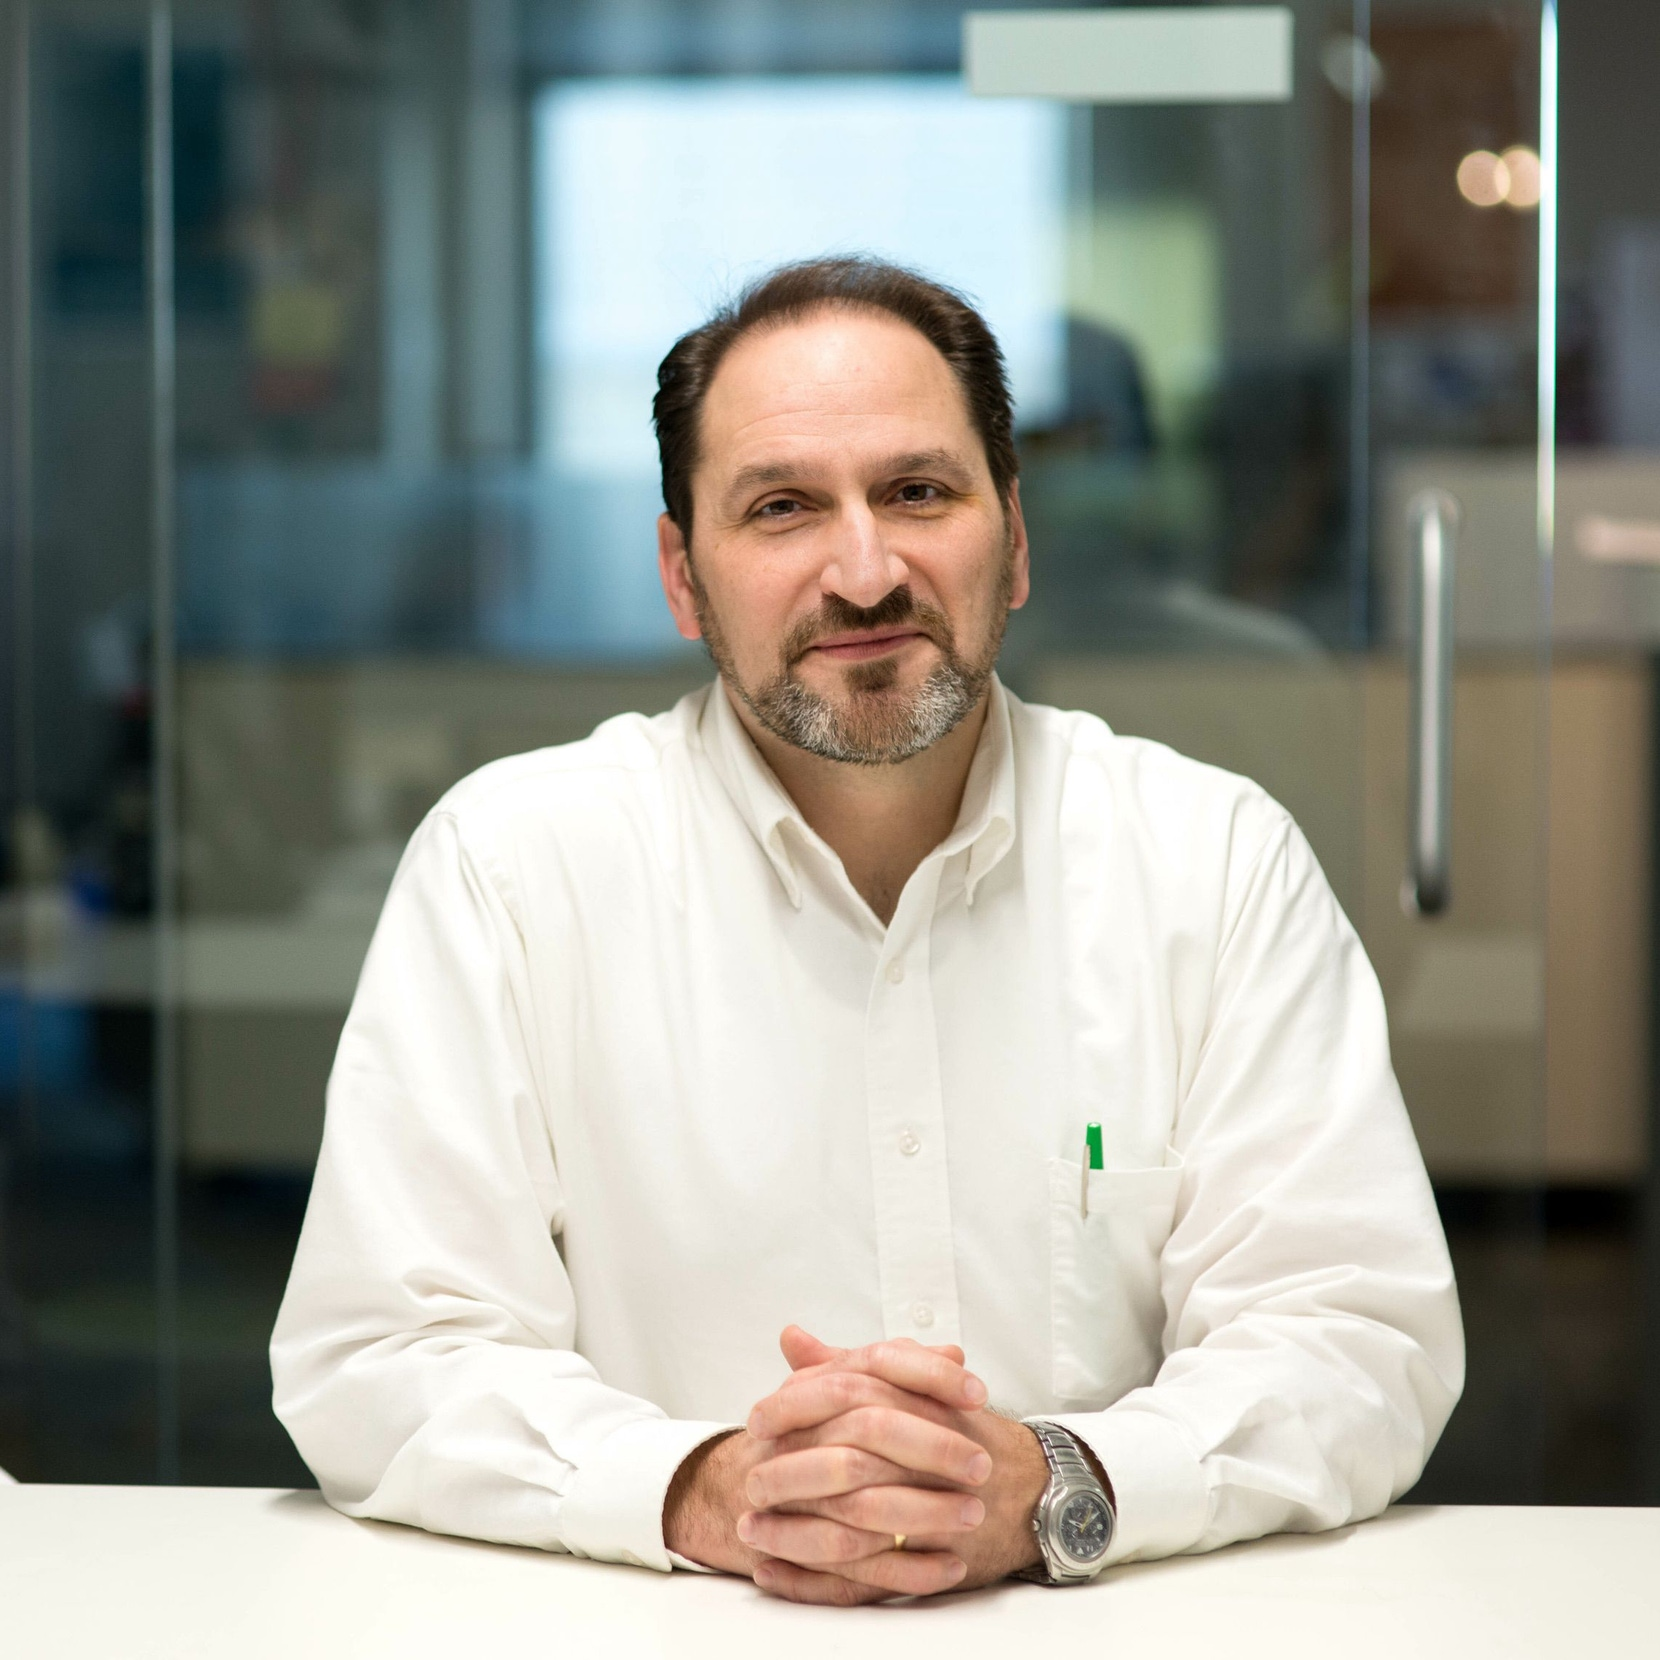 Paul Aplikowski